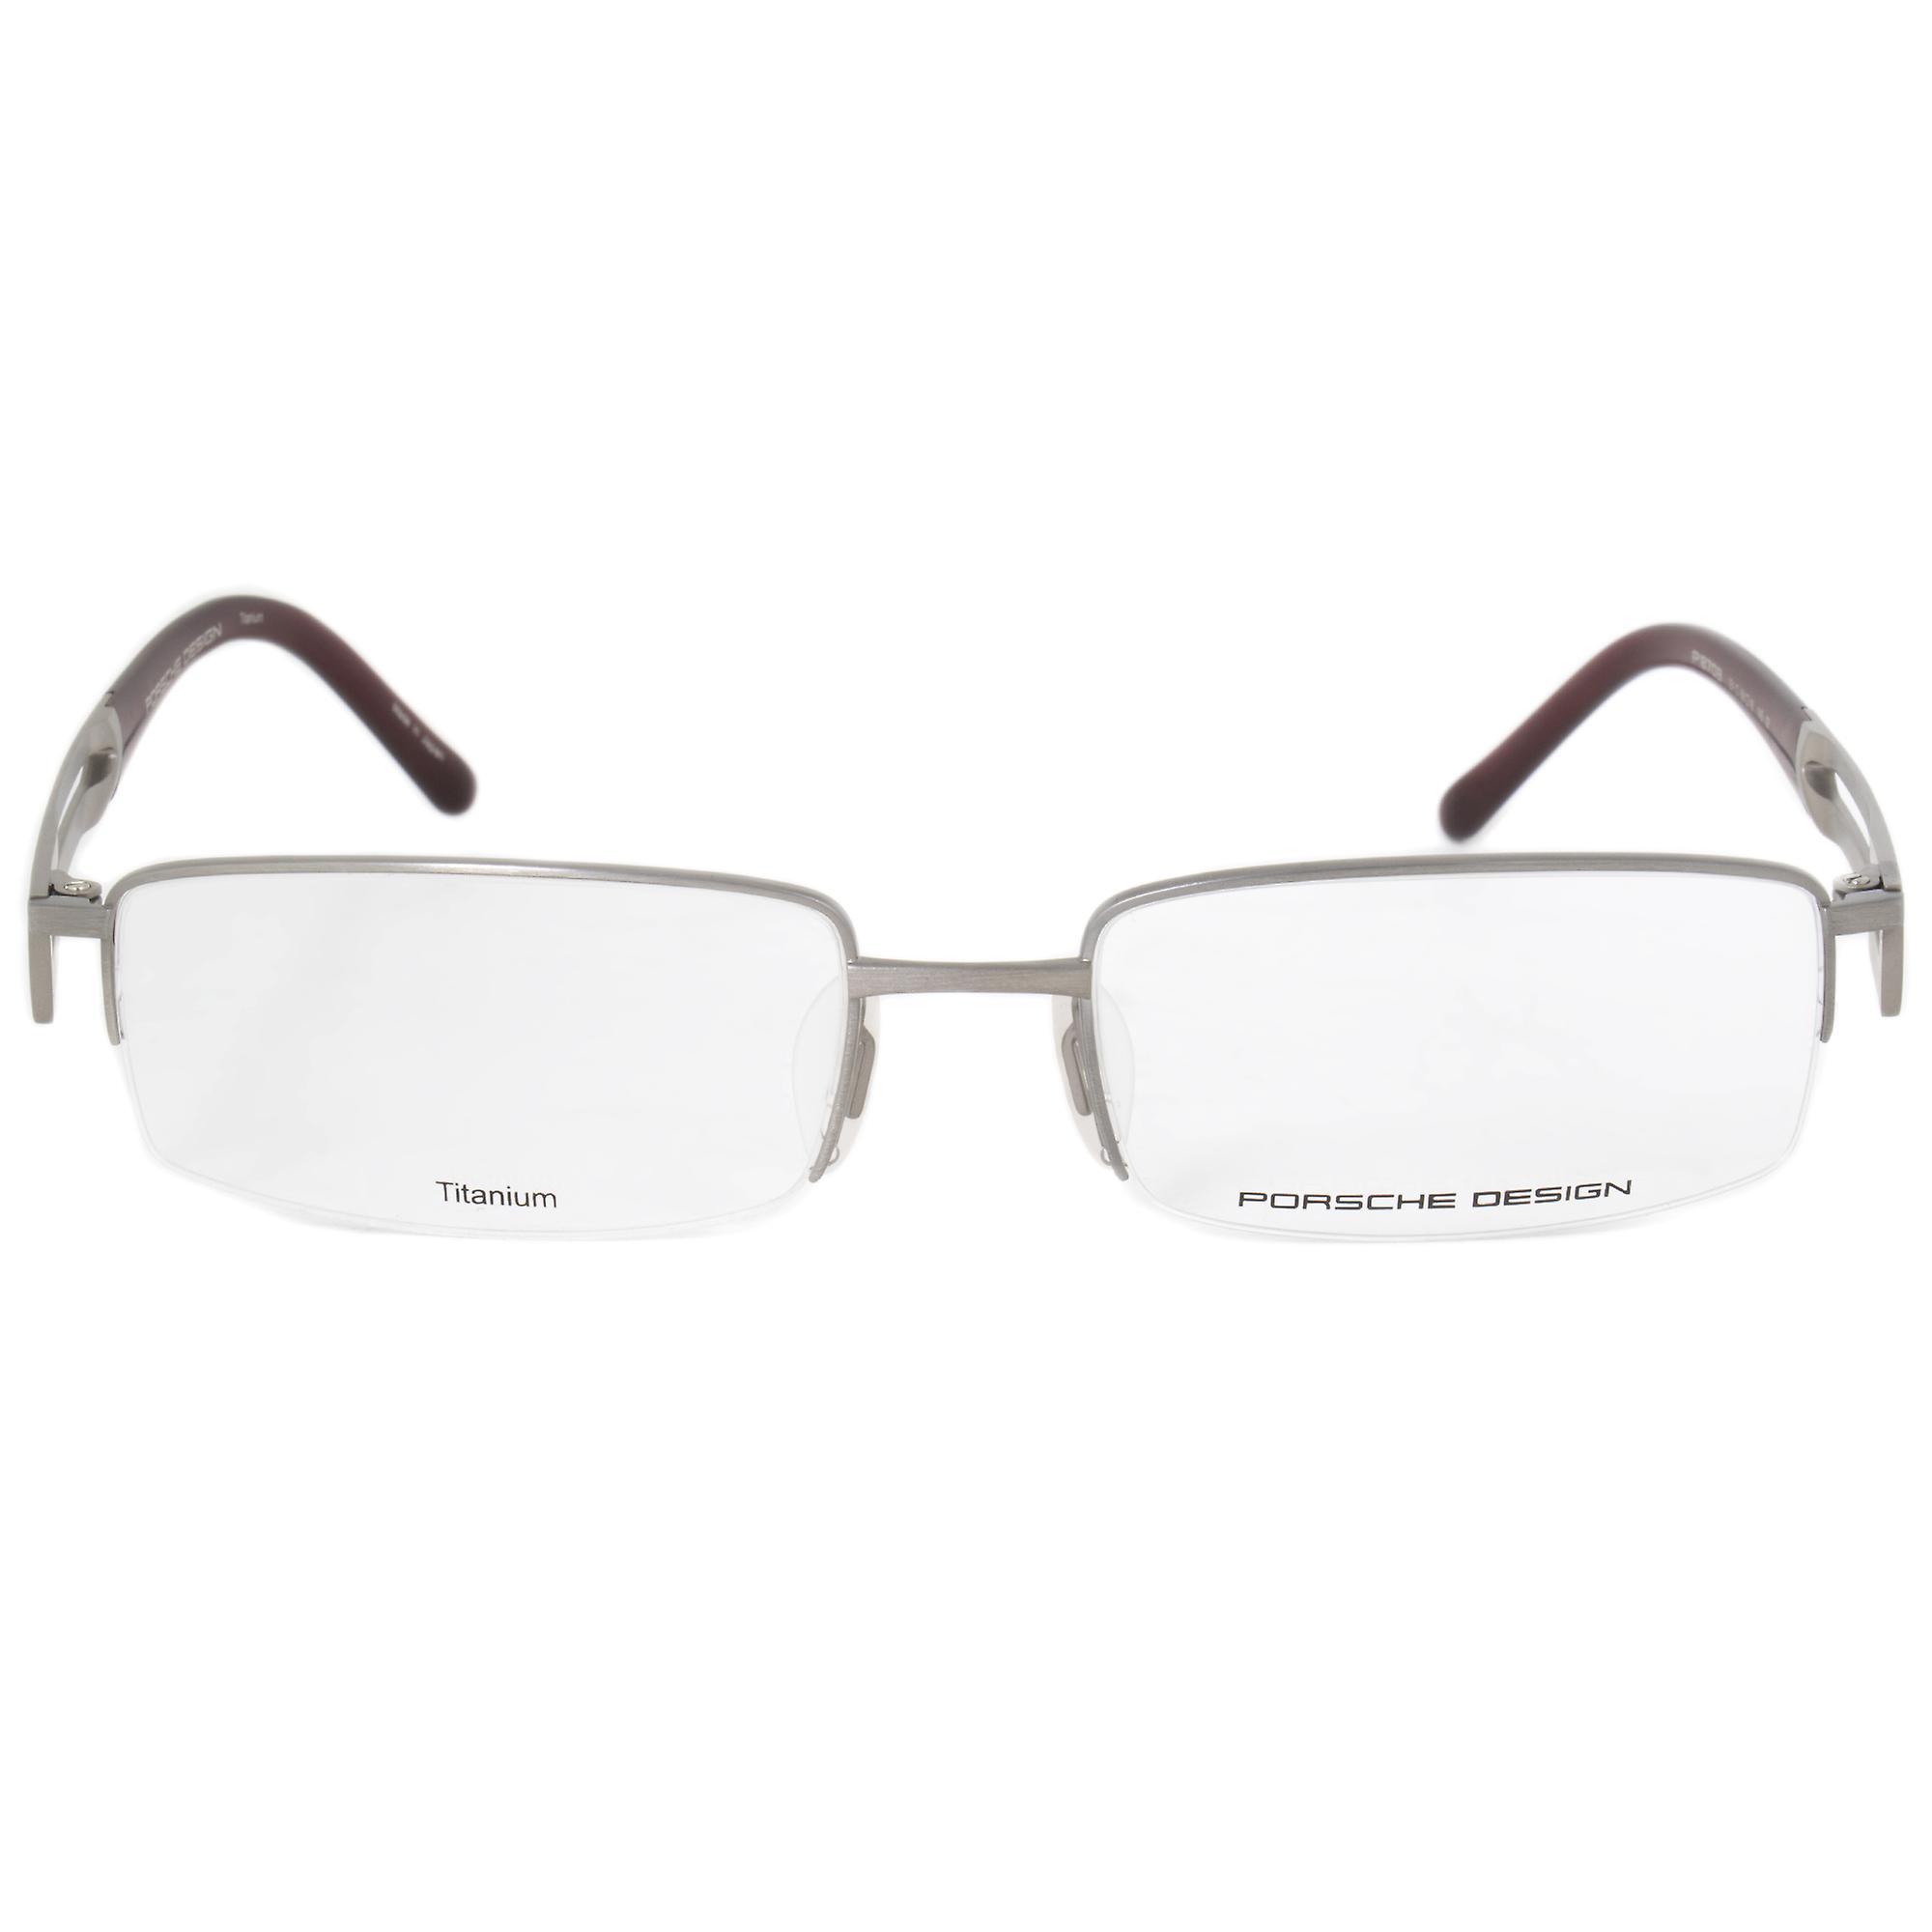 b281f90f9f0 Porsche Source · Porsche Design P8703 C Rectangular Matte Silver Eyeglass  Frames